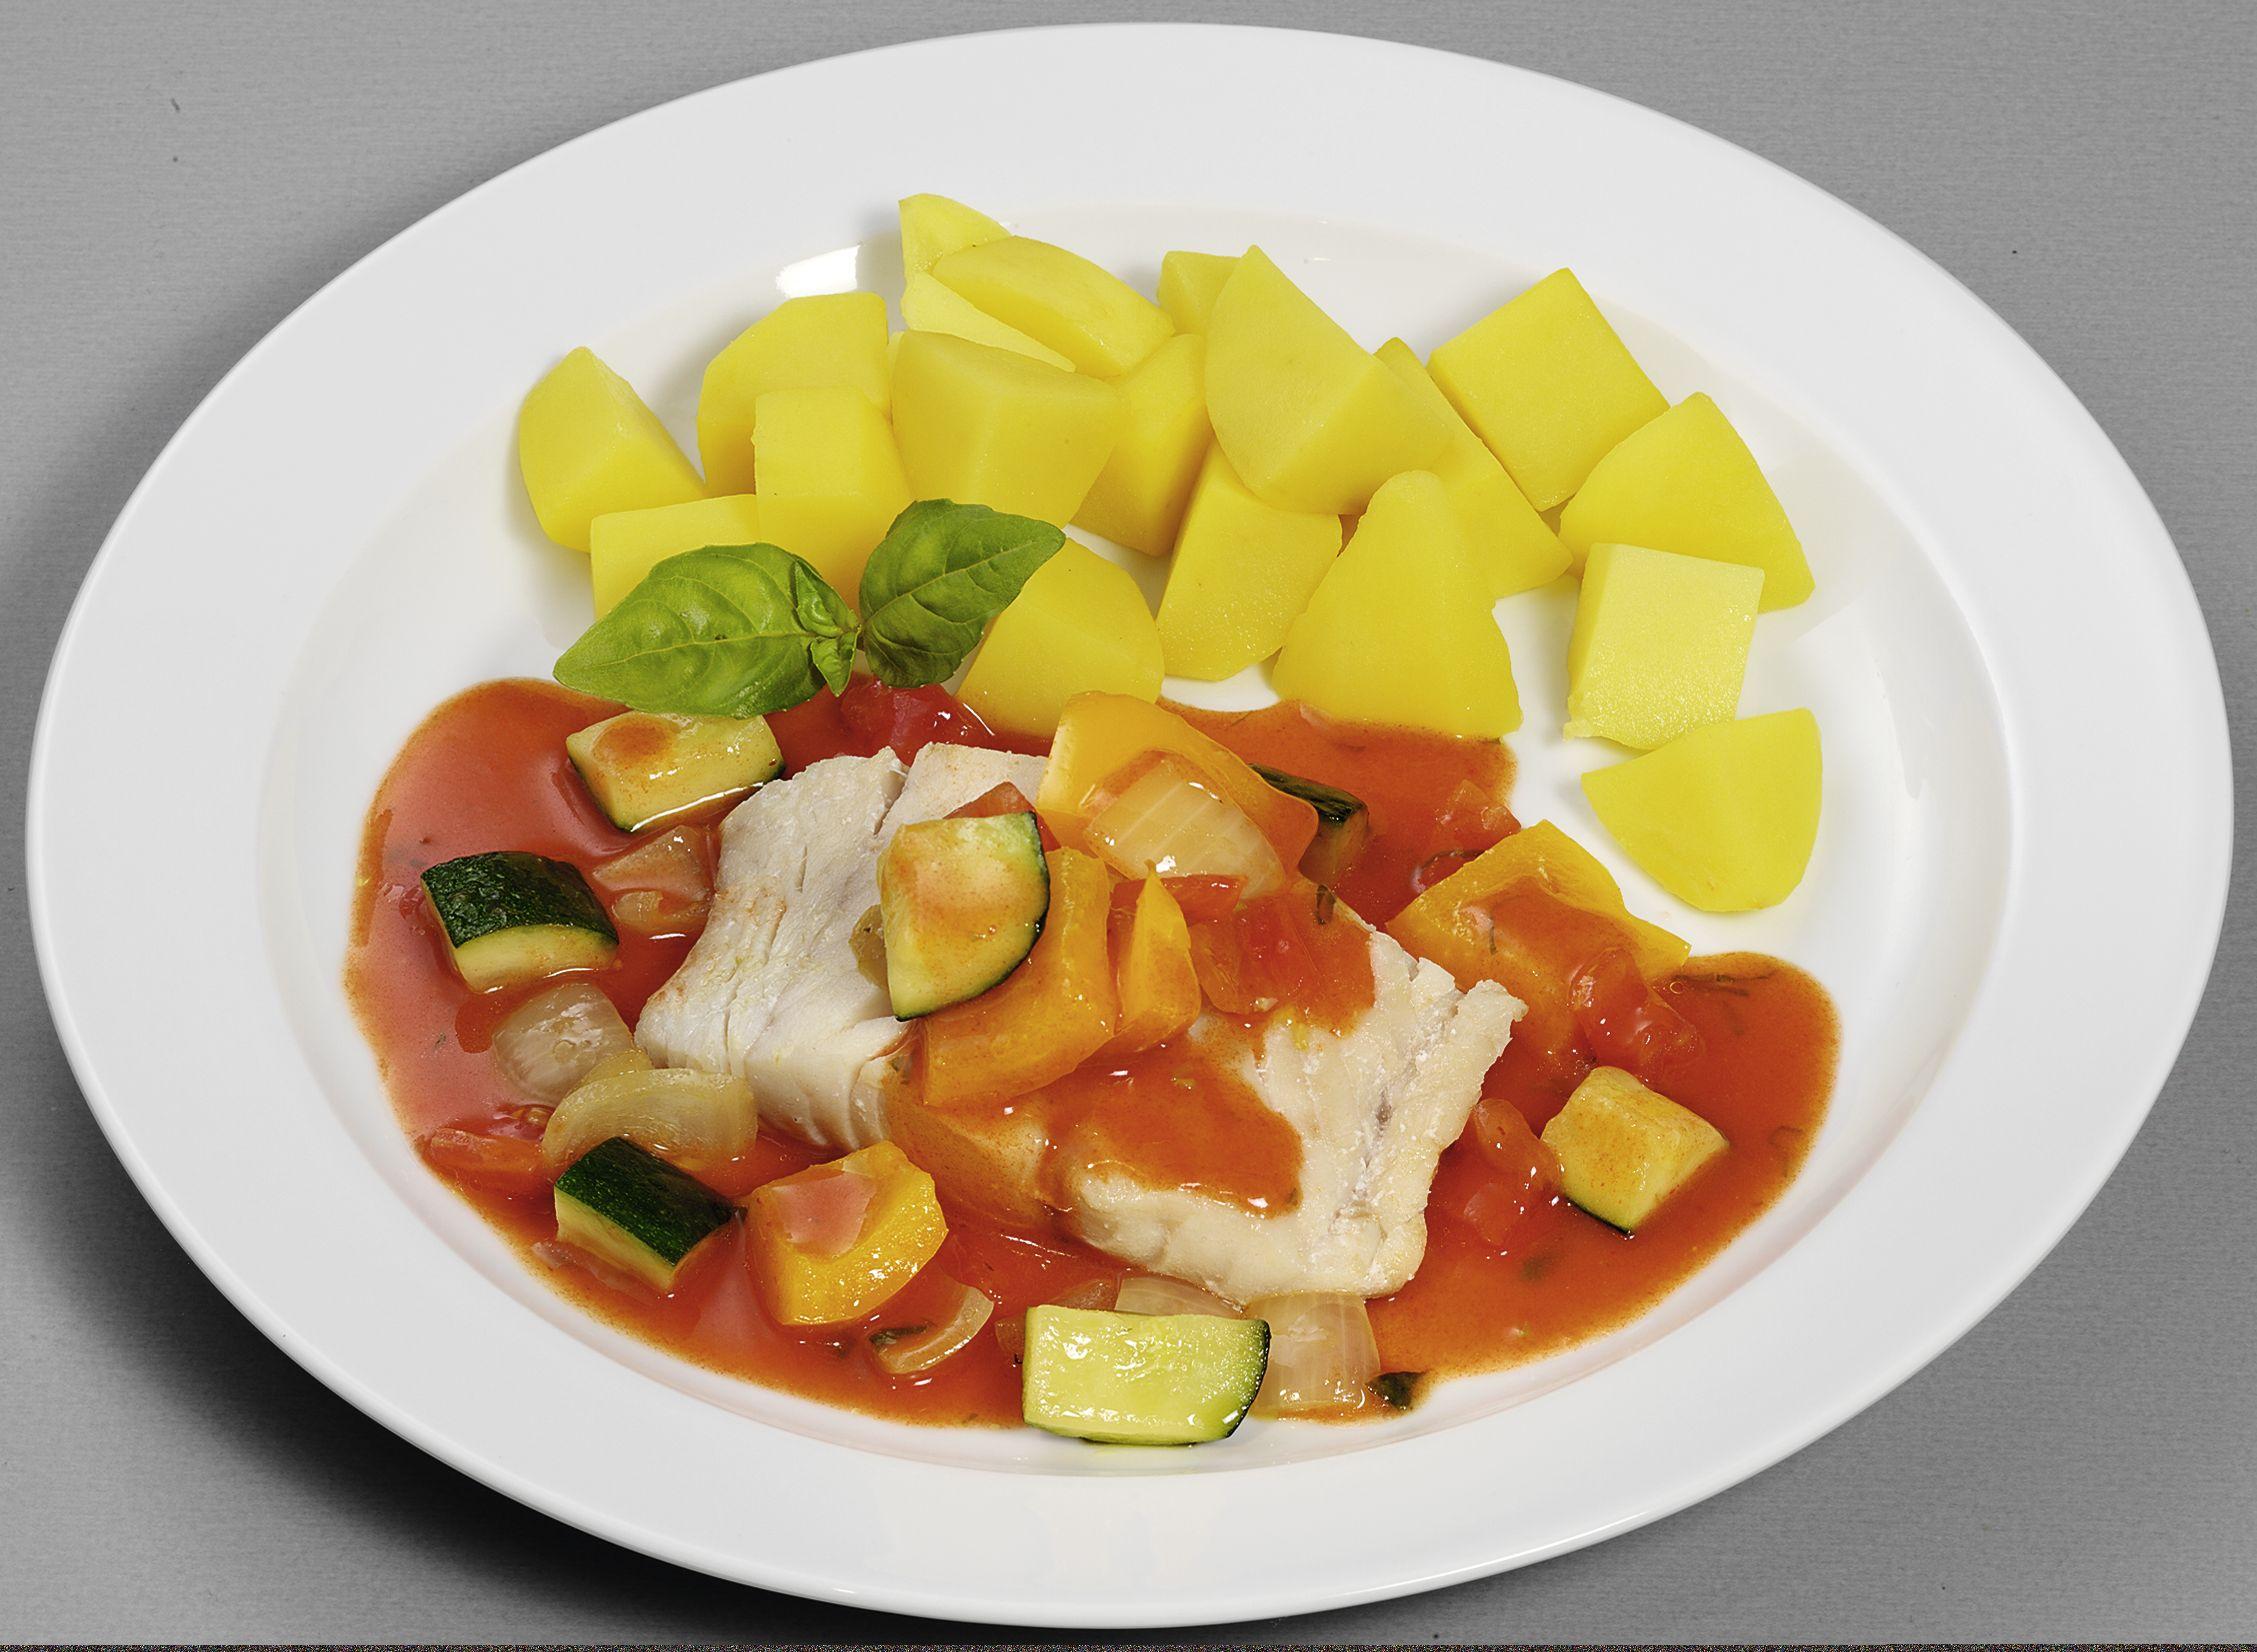 Seelachsfilet in einer mediterranen Tomatensoße mit Grill-Gemüse, dazu Kartoffelwürfel